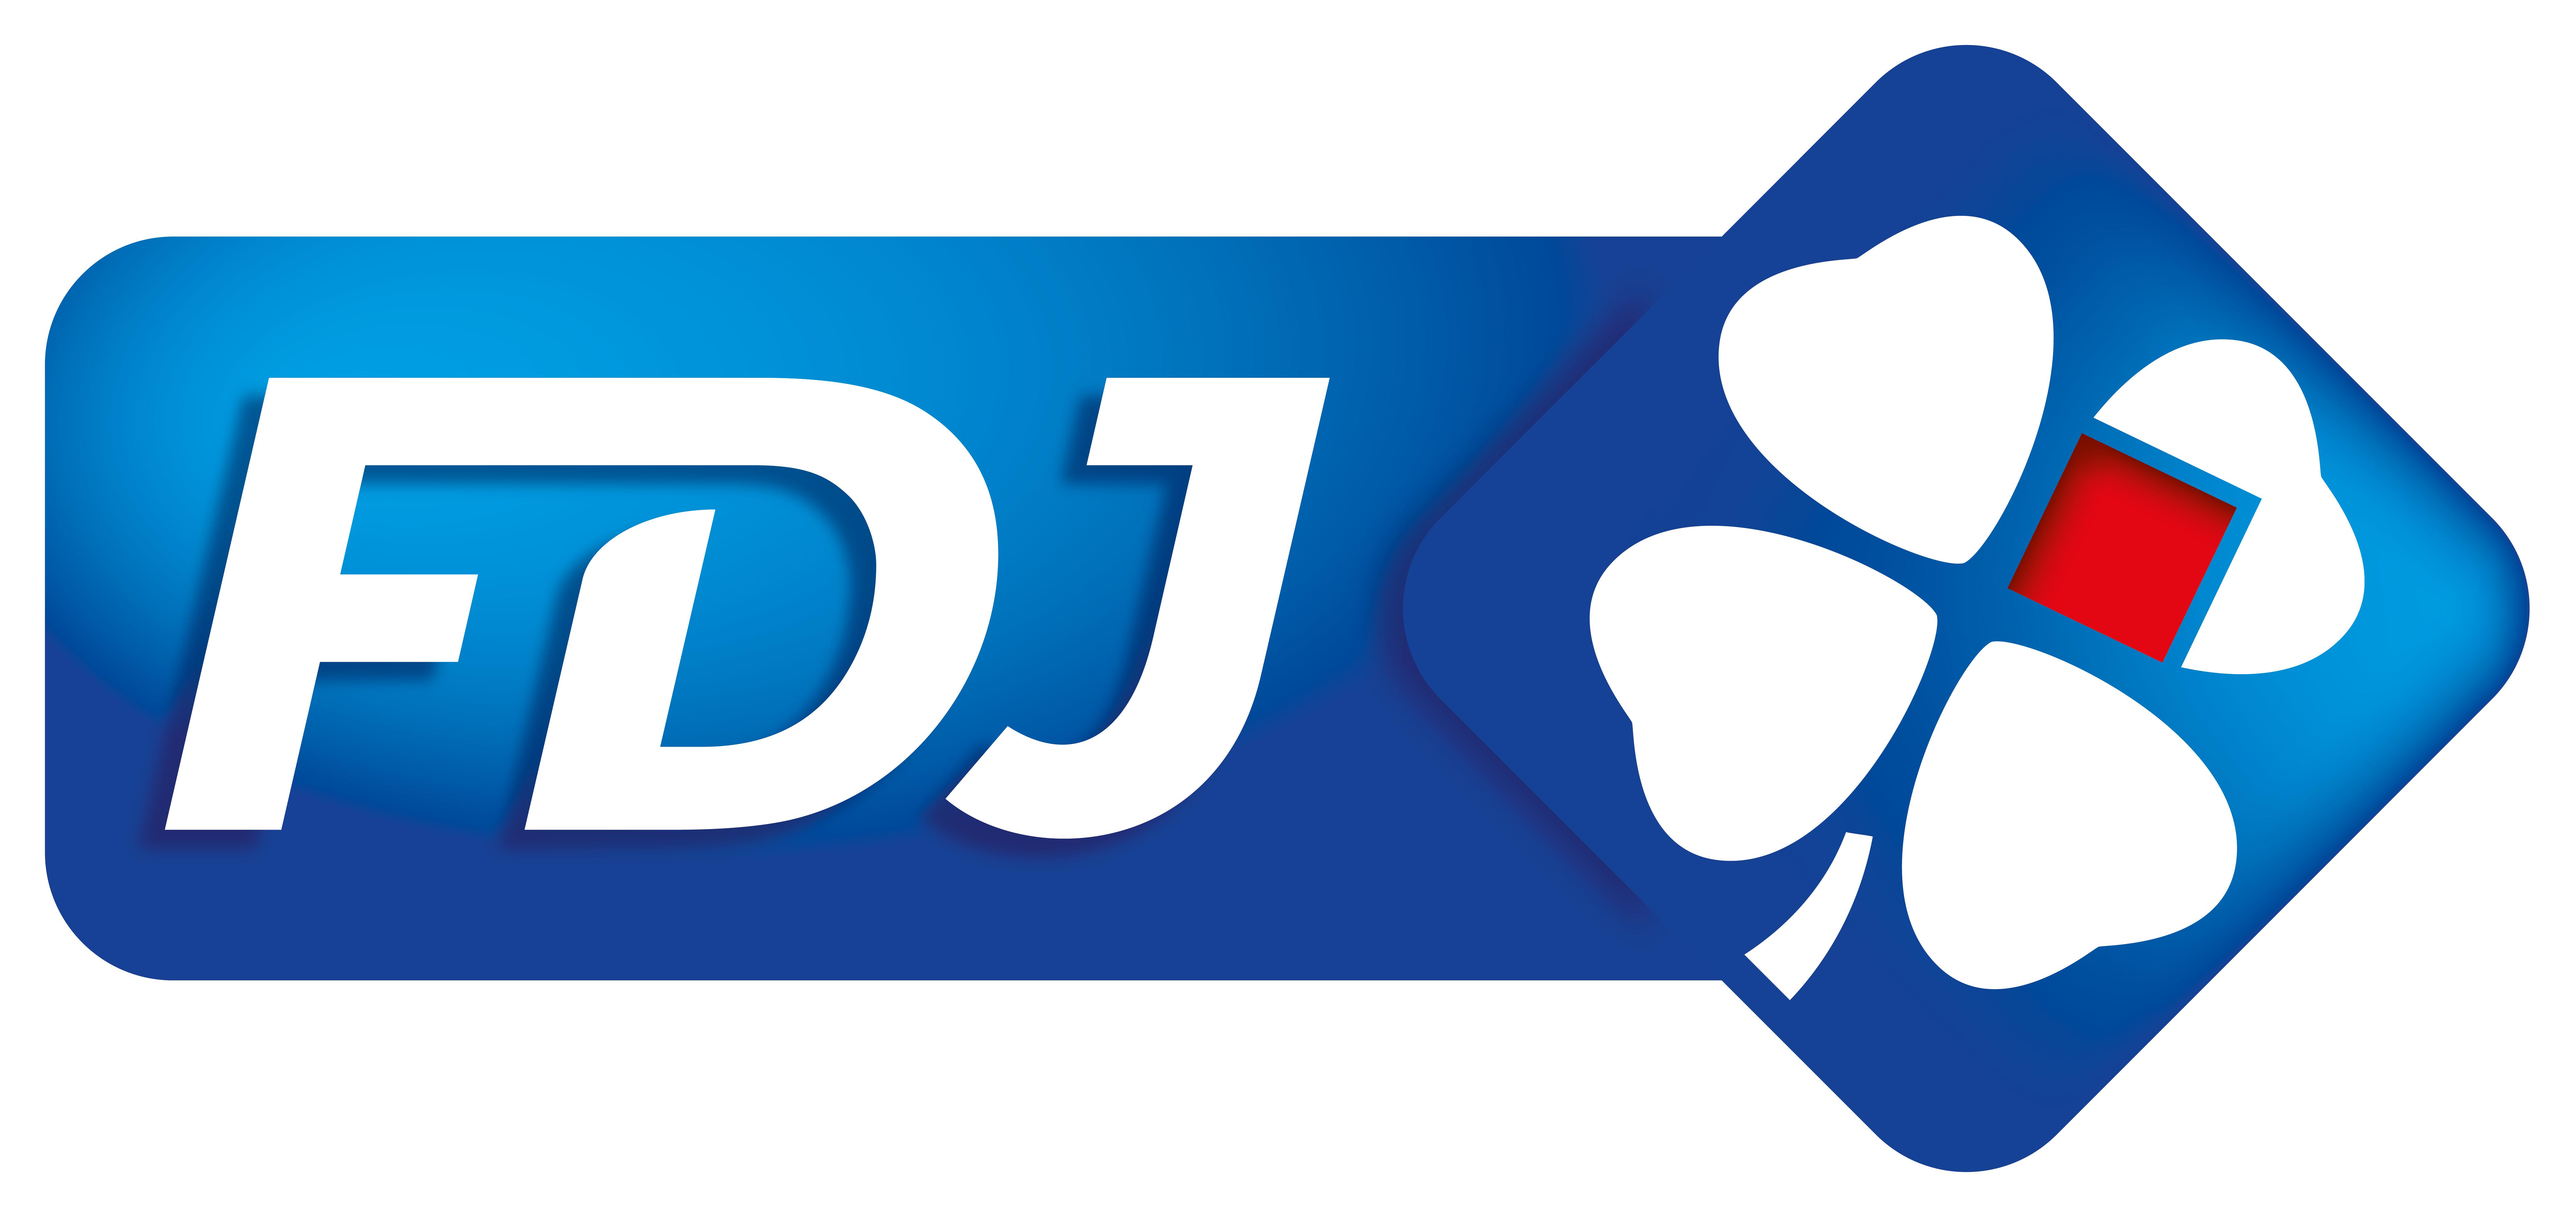 FDJ partenaire fondateur du D3